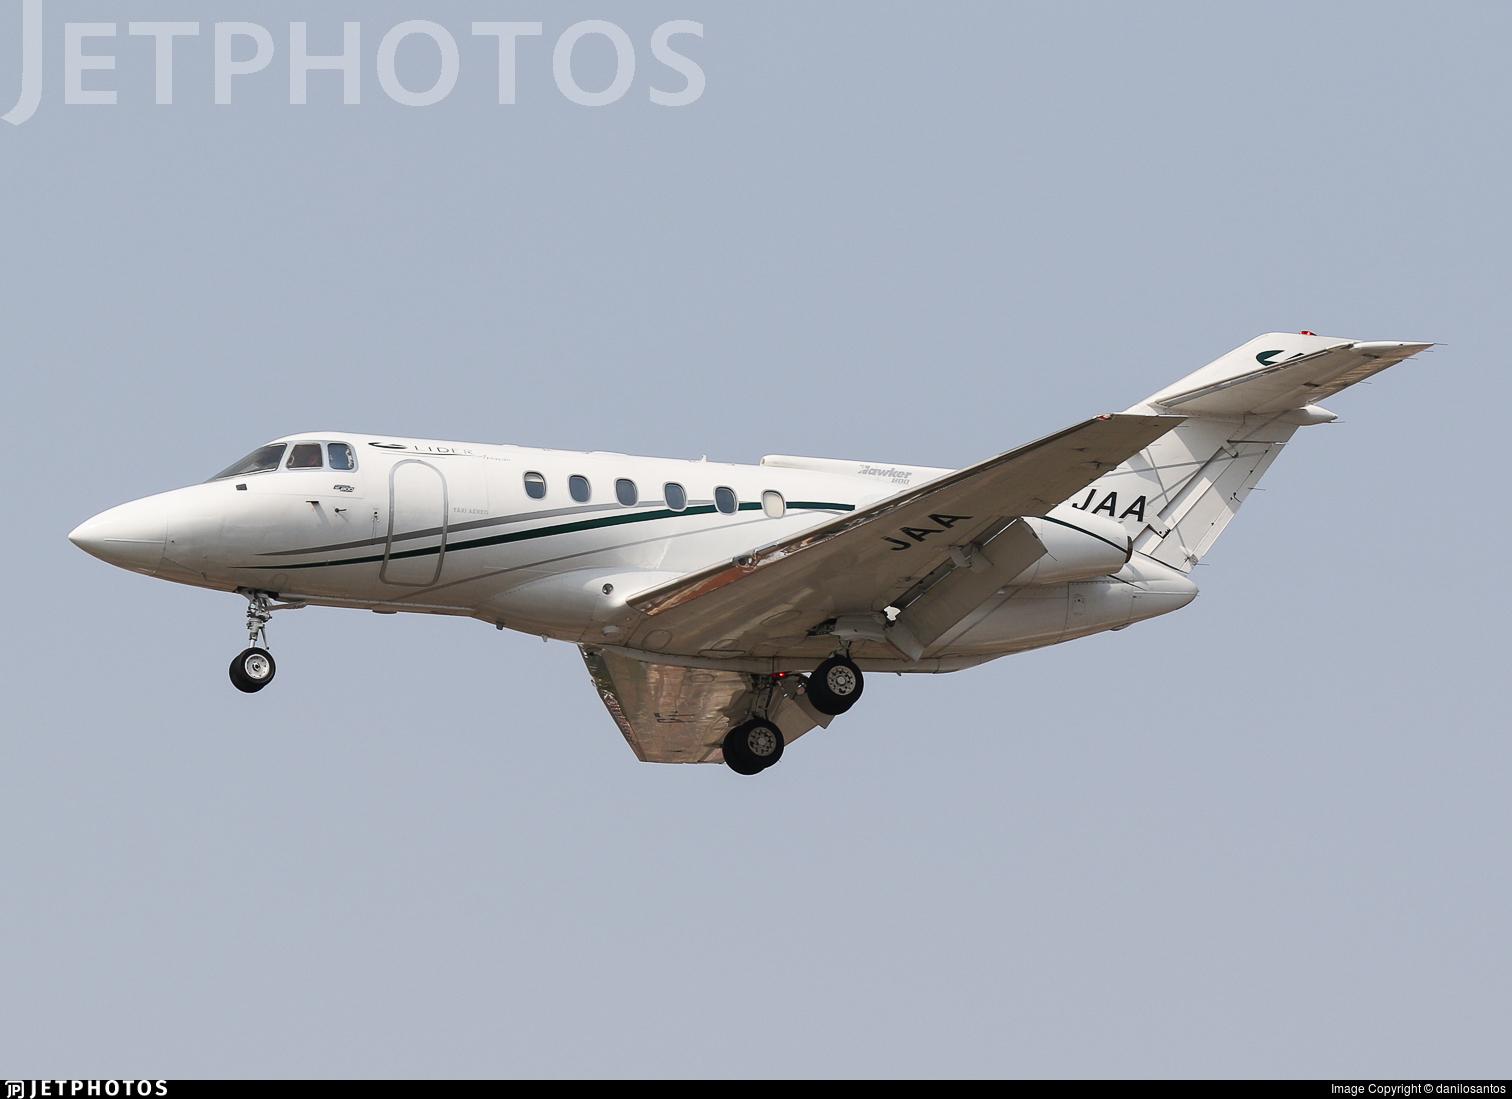 PT-JAA - British Aerospace BAe 125-800B - Líder Táxi Aéreo